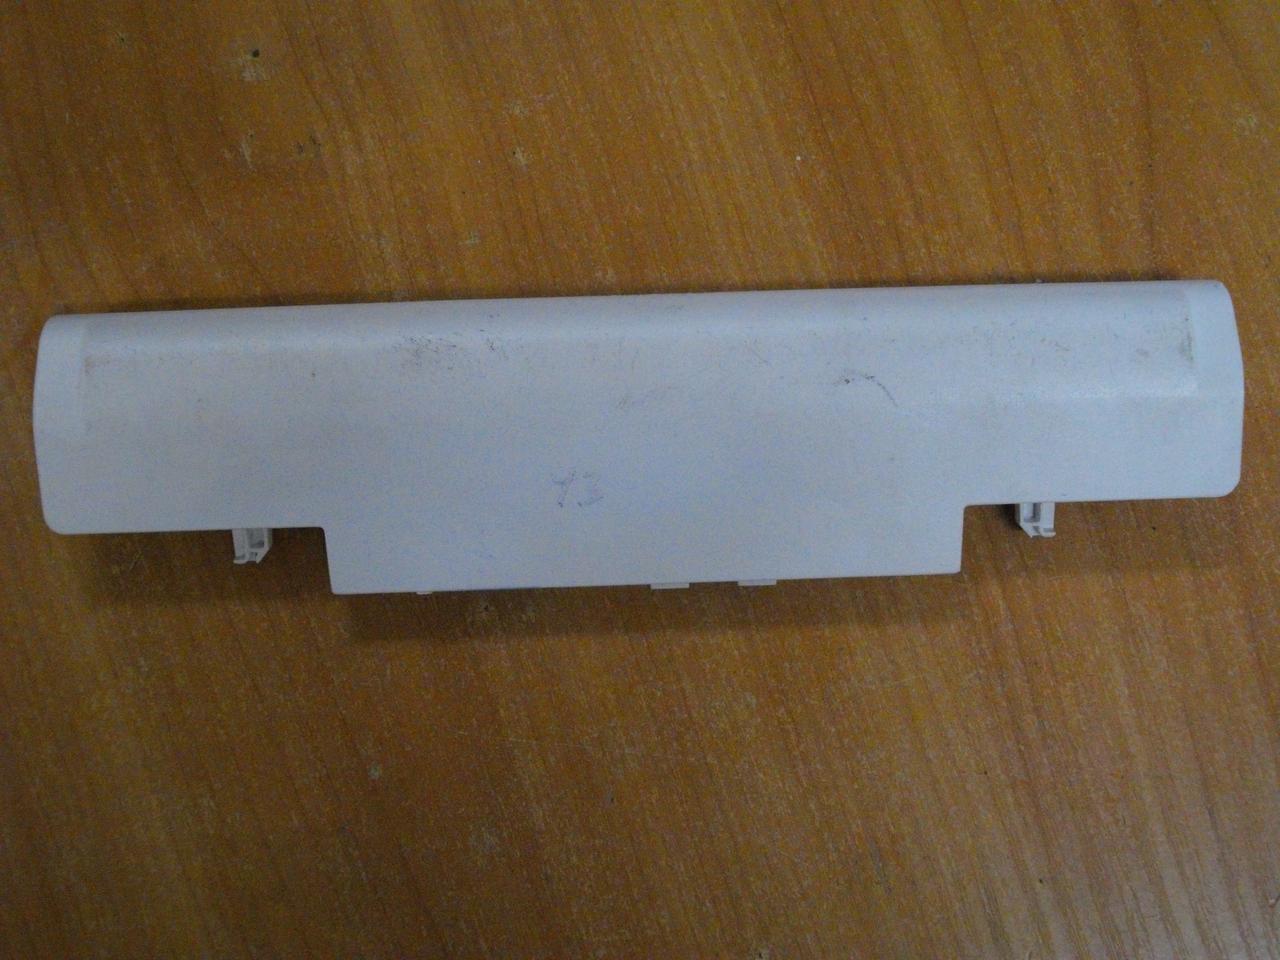 АКБ не рабачая Батарея Аккумулятор AA-PBAN3EW, NP-N148P, NP-N150, NP-N150P, NP-N250, NP-N100SP, NP-N100S, N100